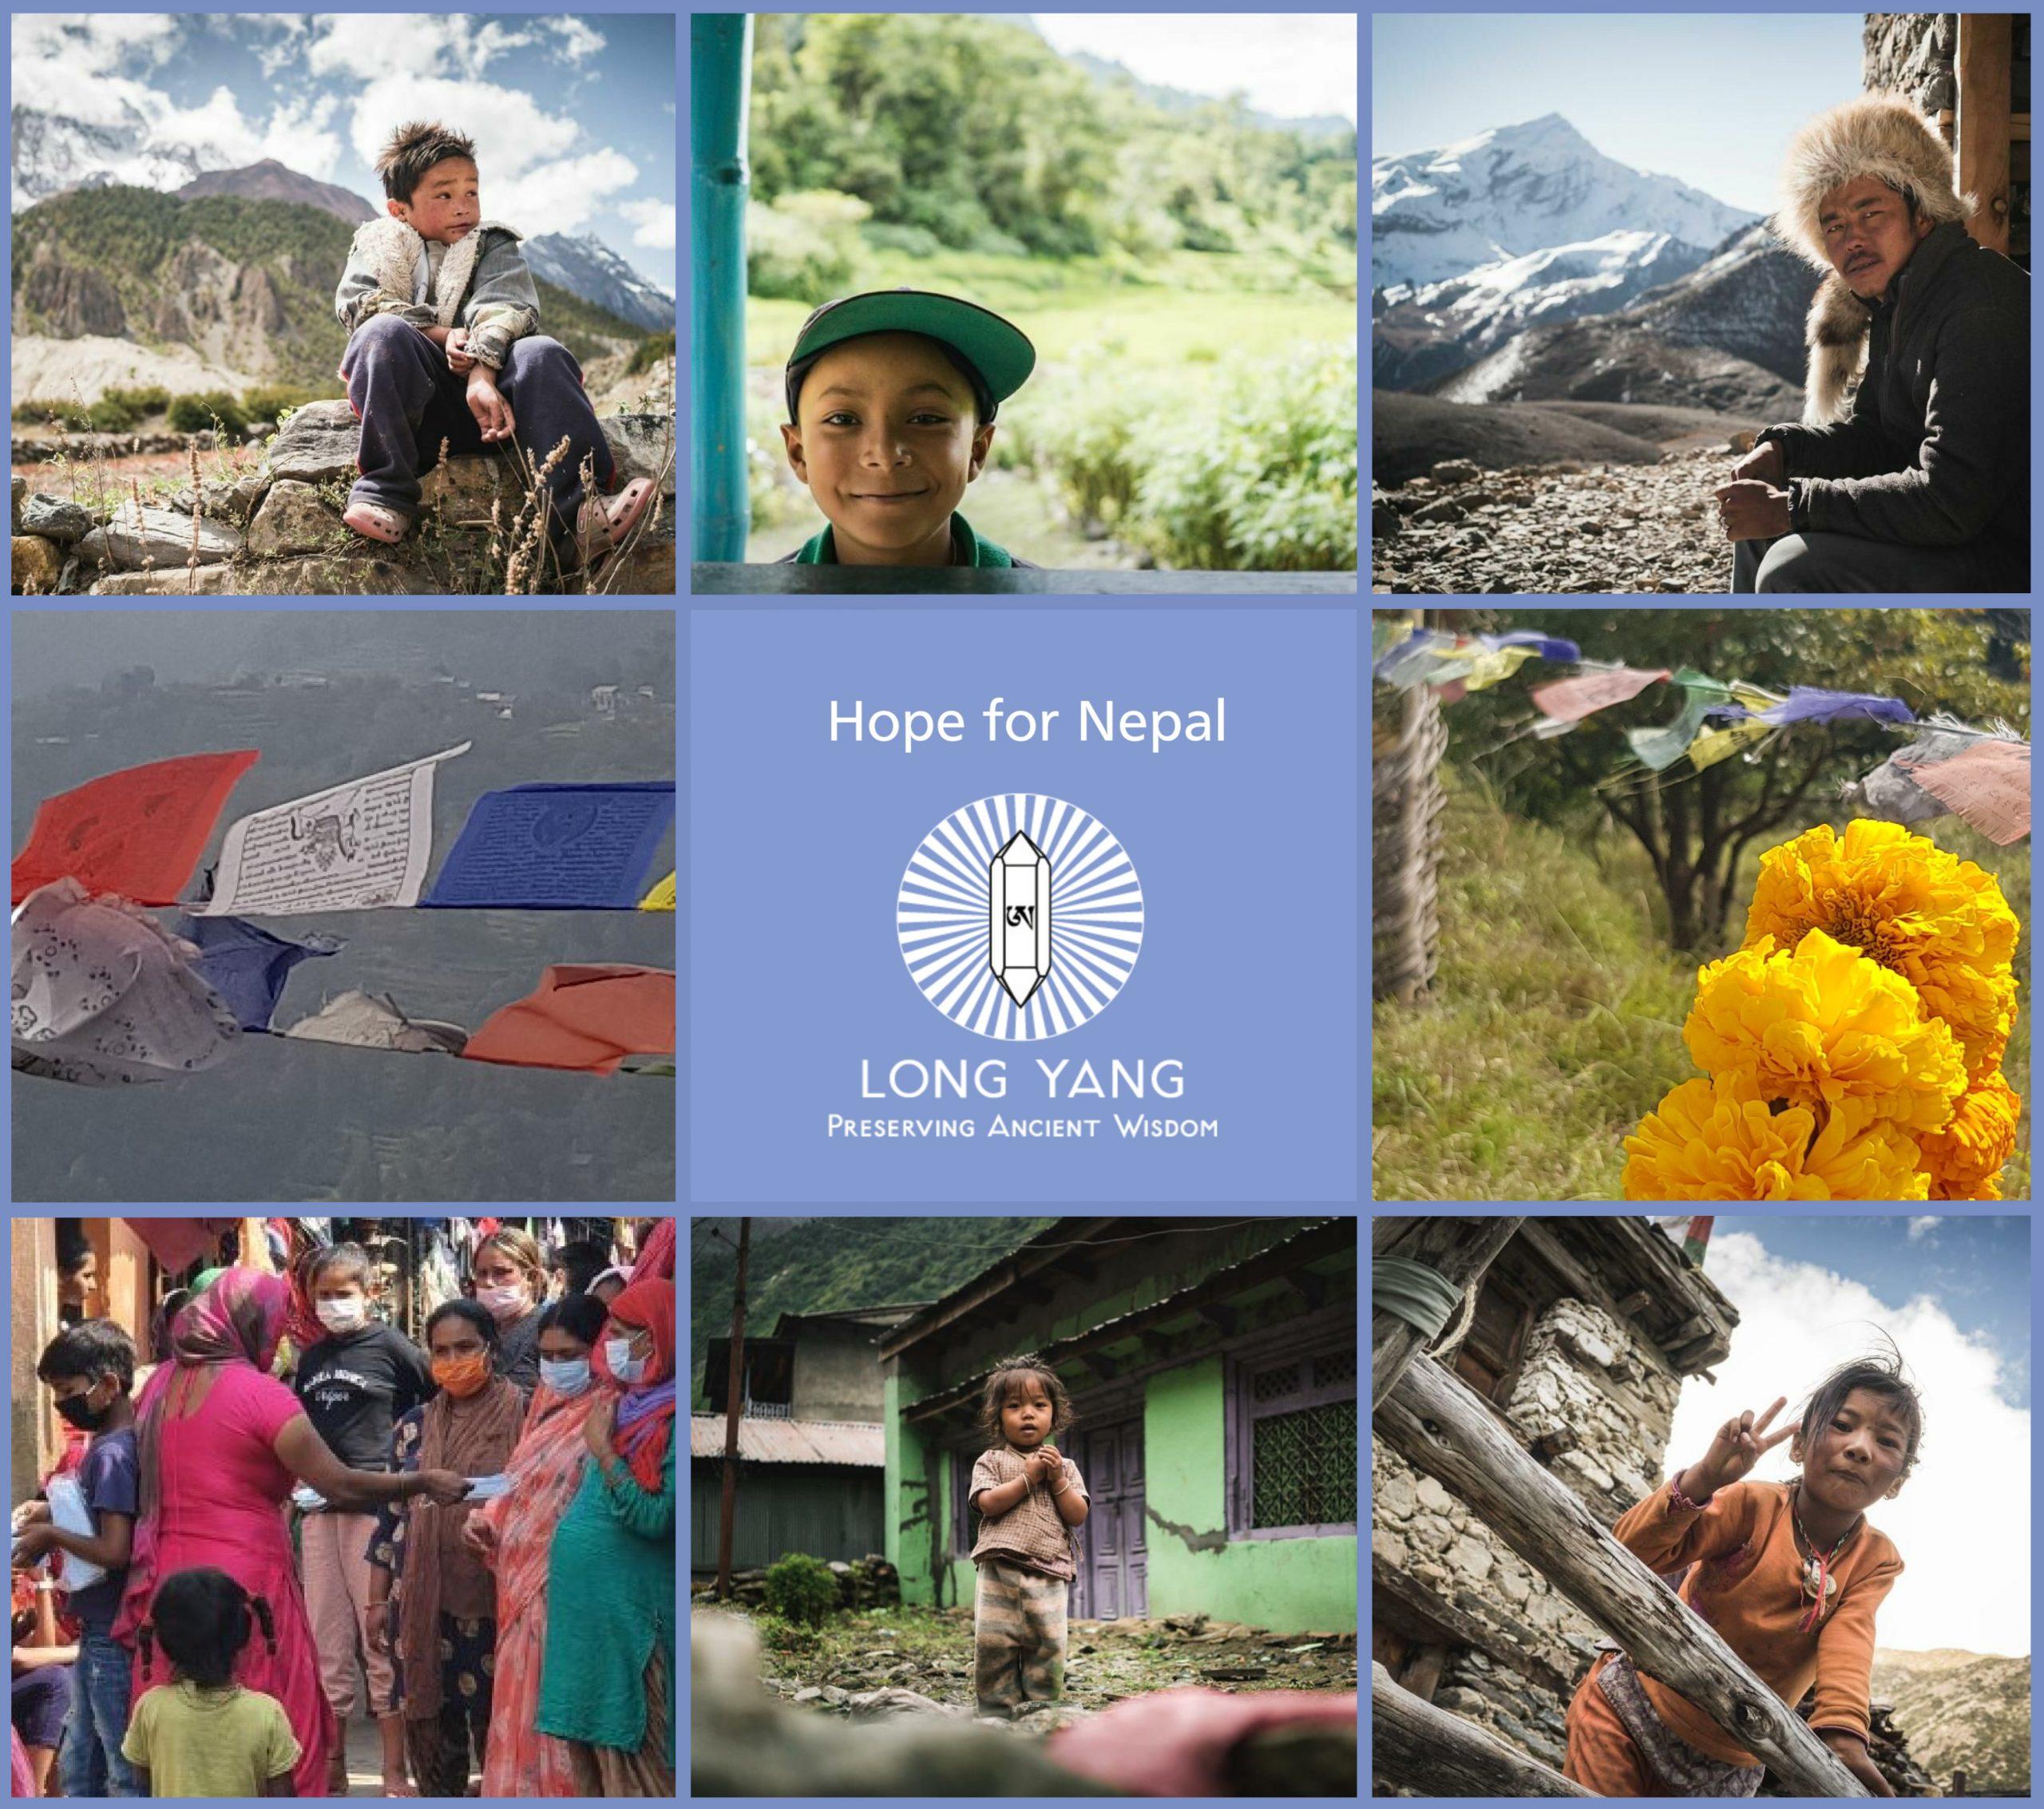 #HopeForNepal geht weiter – so unterstützen Sie Nepal während der Krise